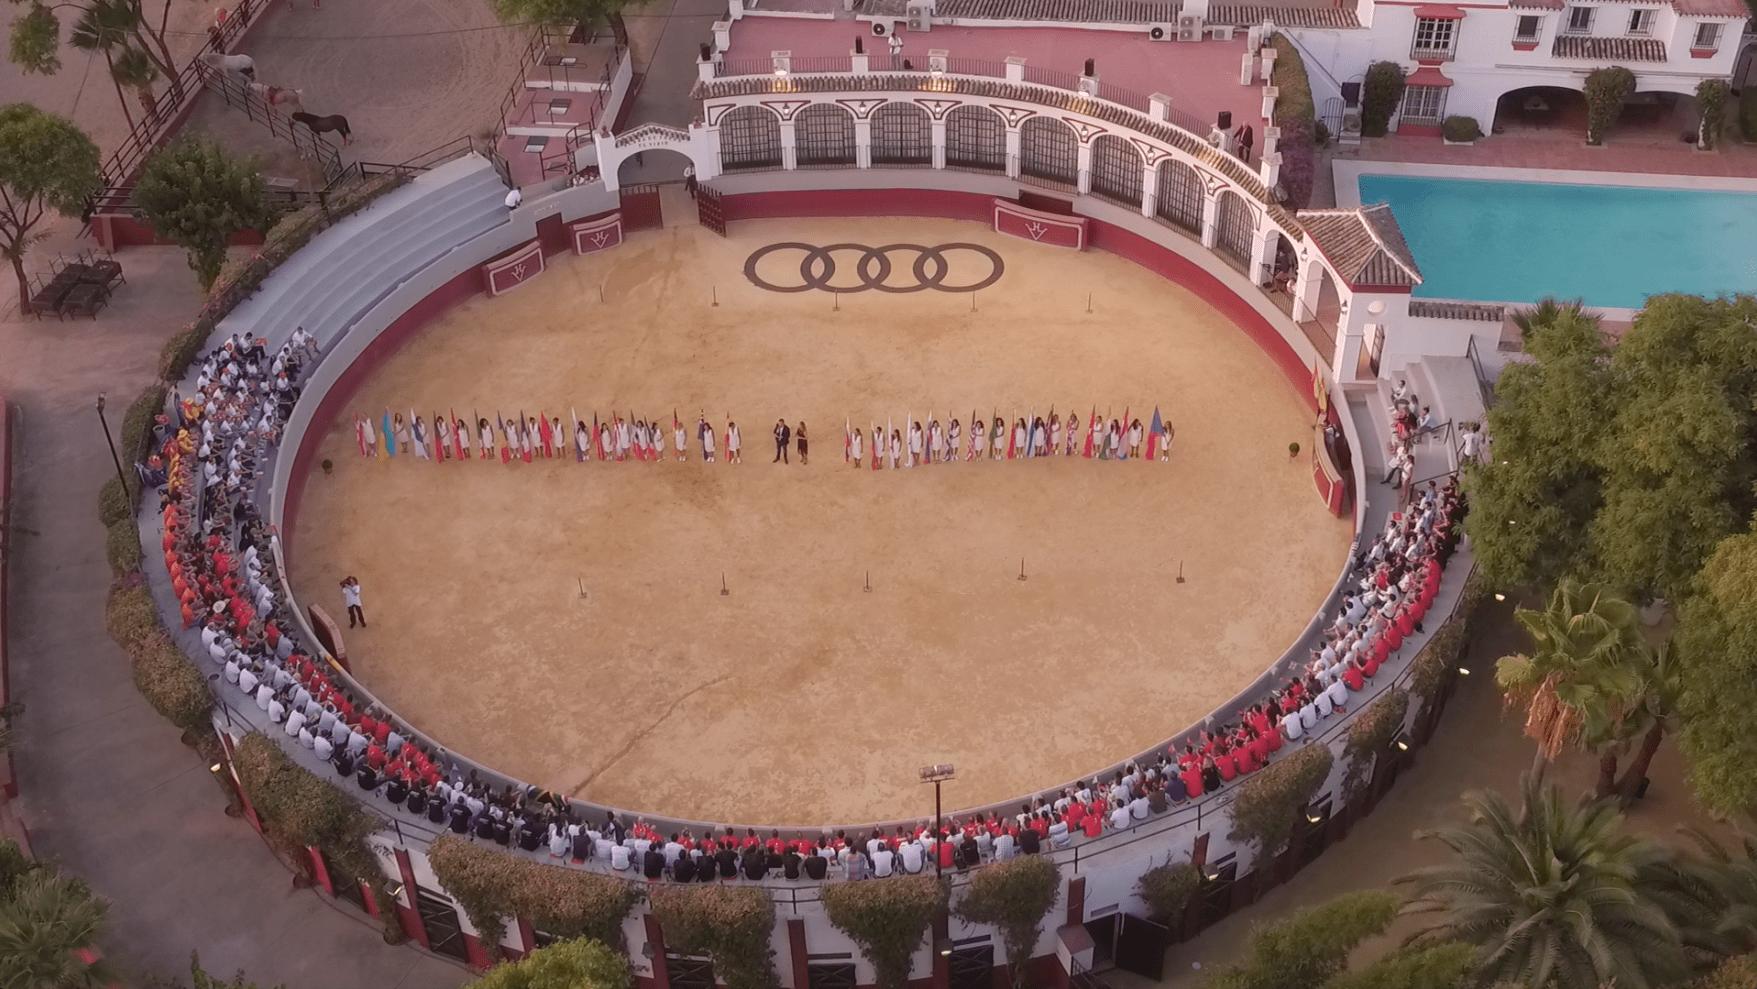 Hacienda bodas Sevilla, Hacienda eventos en Sevilla, Plaza de Toros | Hacienda El Vizir Un Lugar Con Encanto